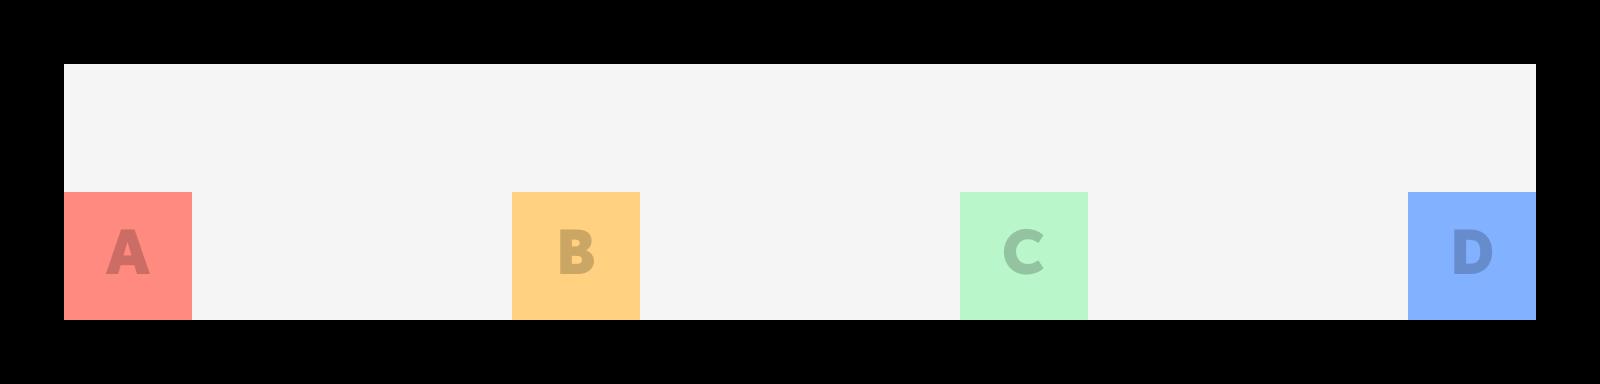 align<em>items</em>flex-end